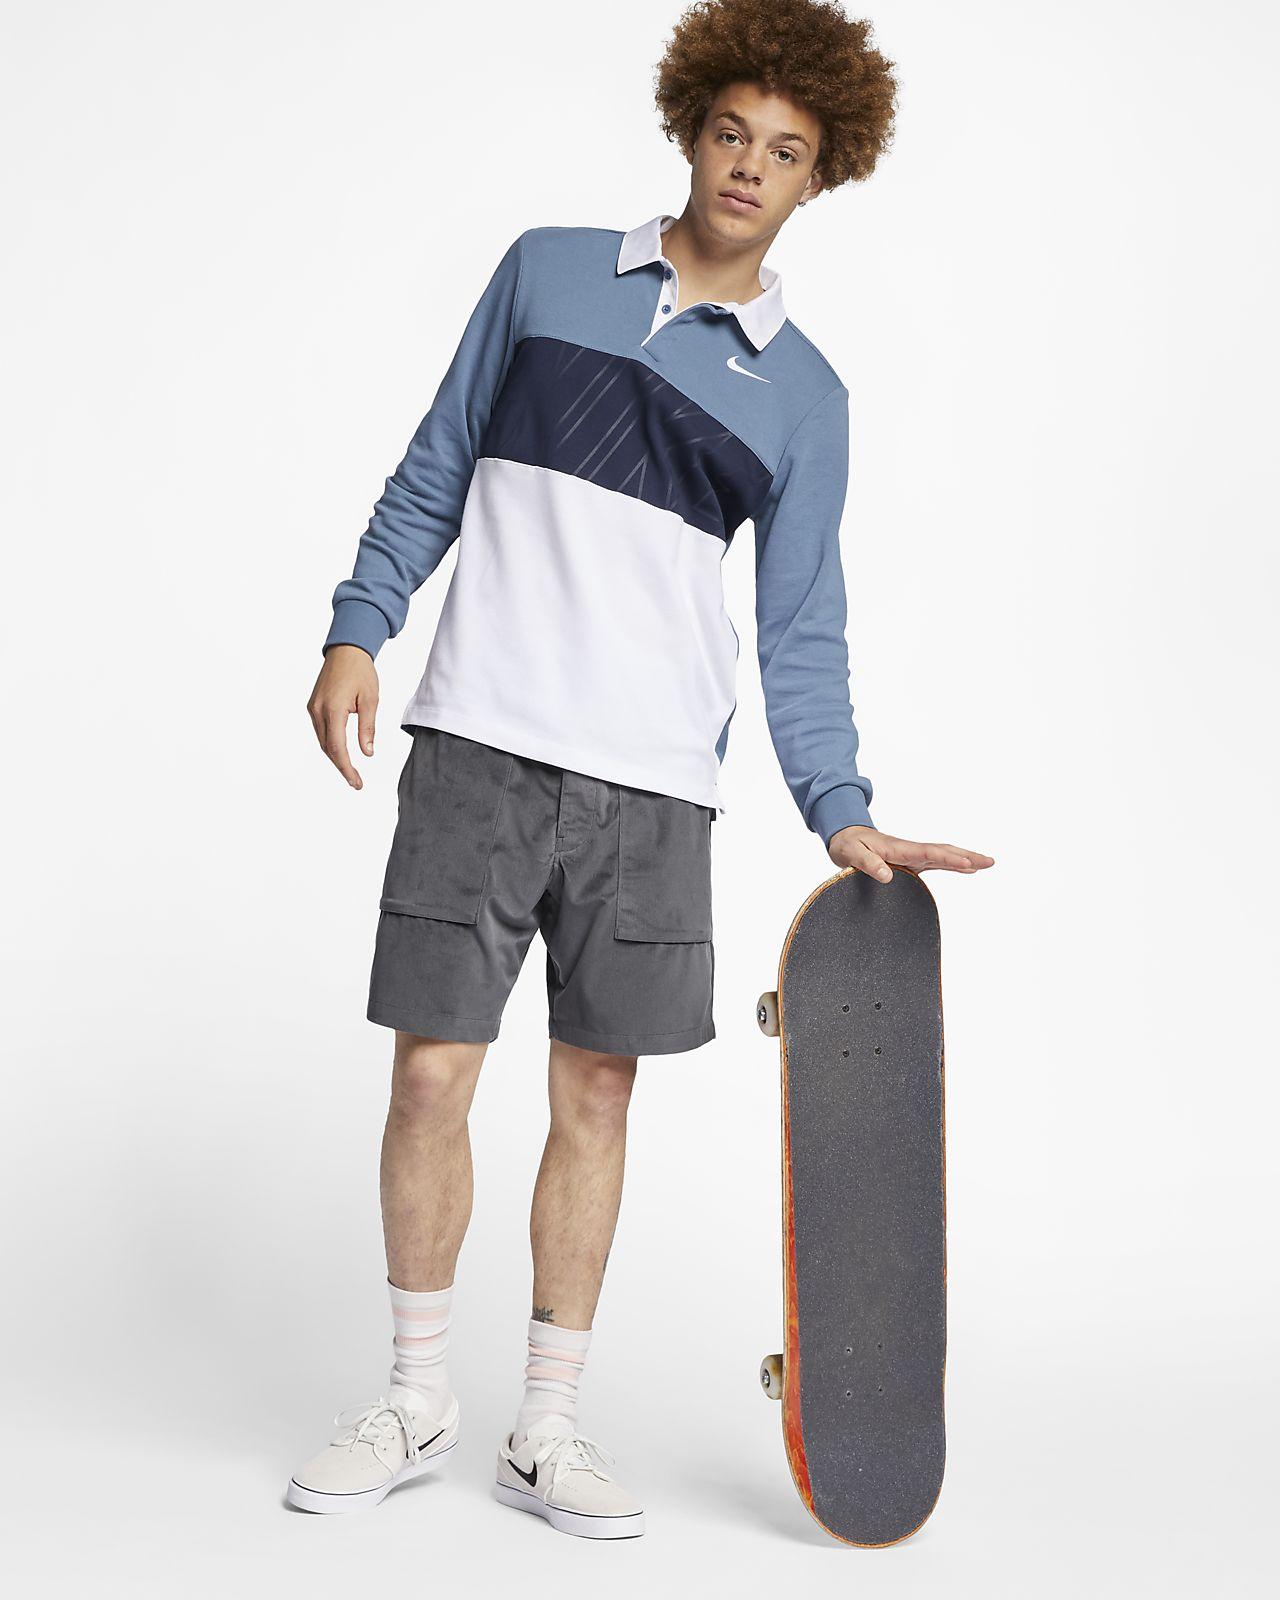 44373d026 Nike SB Dri-FIT Men's Long-Sleeve Skate Polo. Nike.com CH